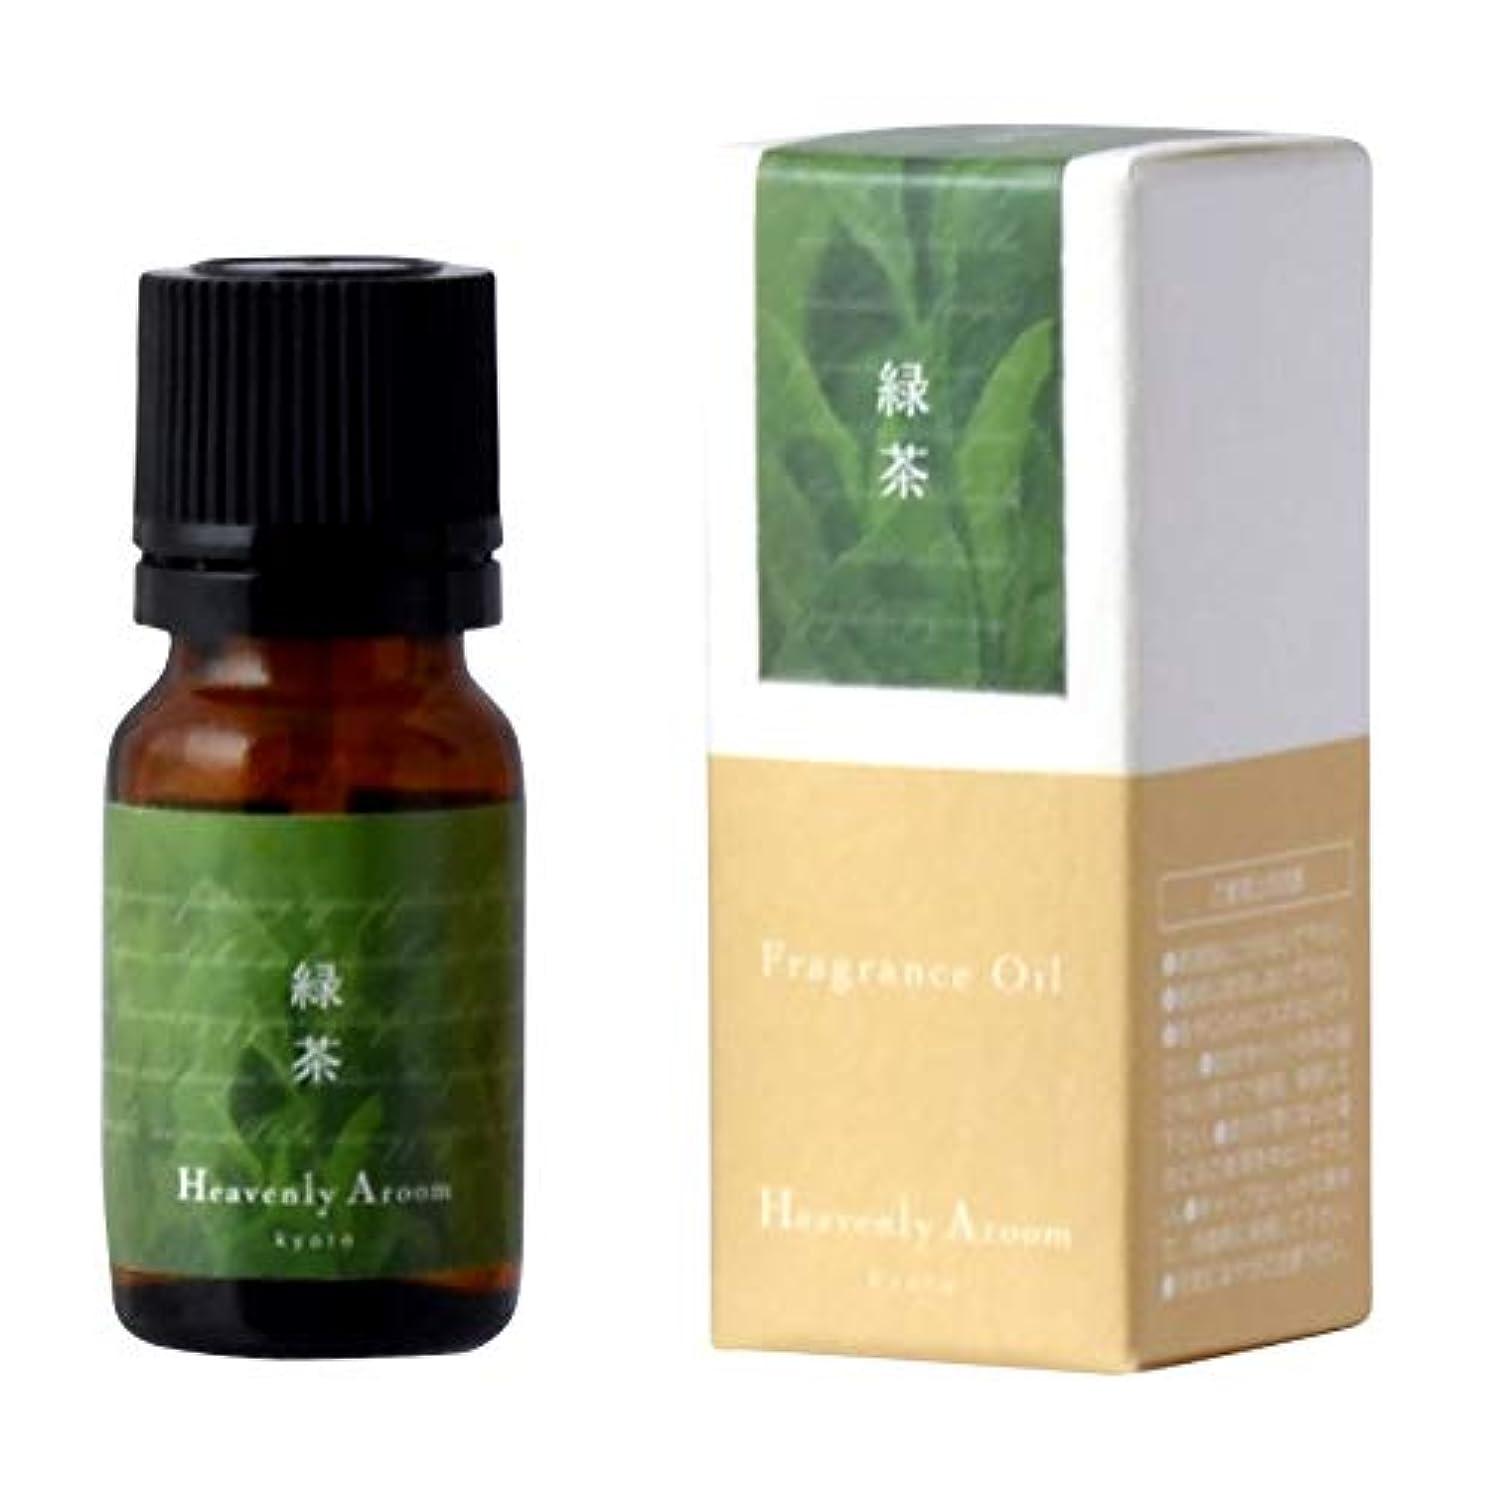 レンダリング注ぎます入場料Heavenly Aroom フレグランスオイル 緑茶 10ml